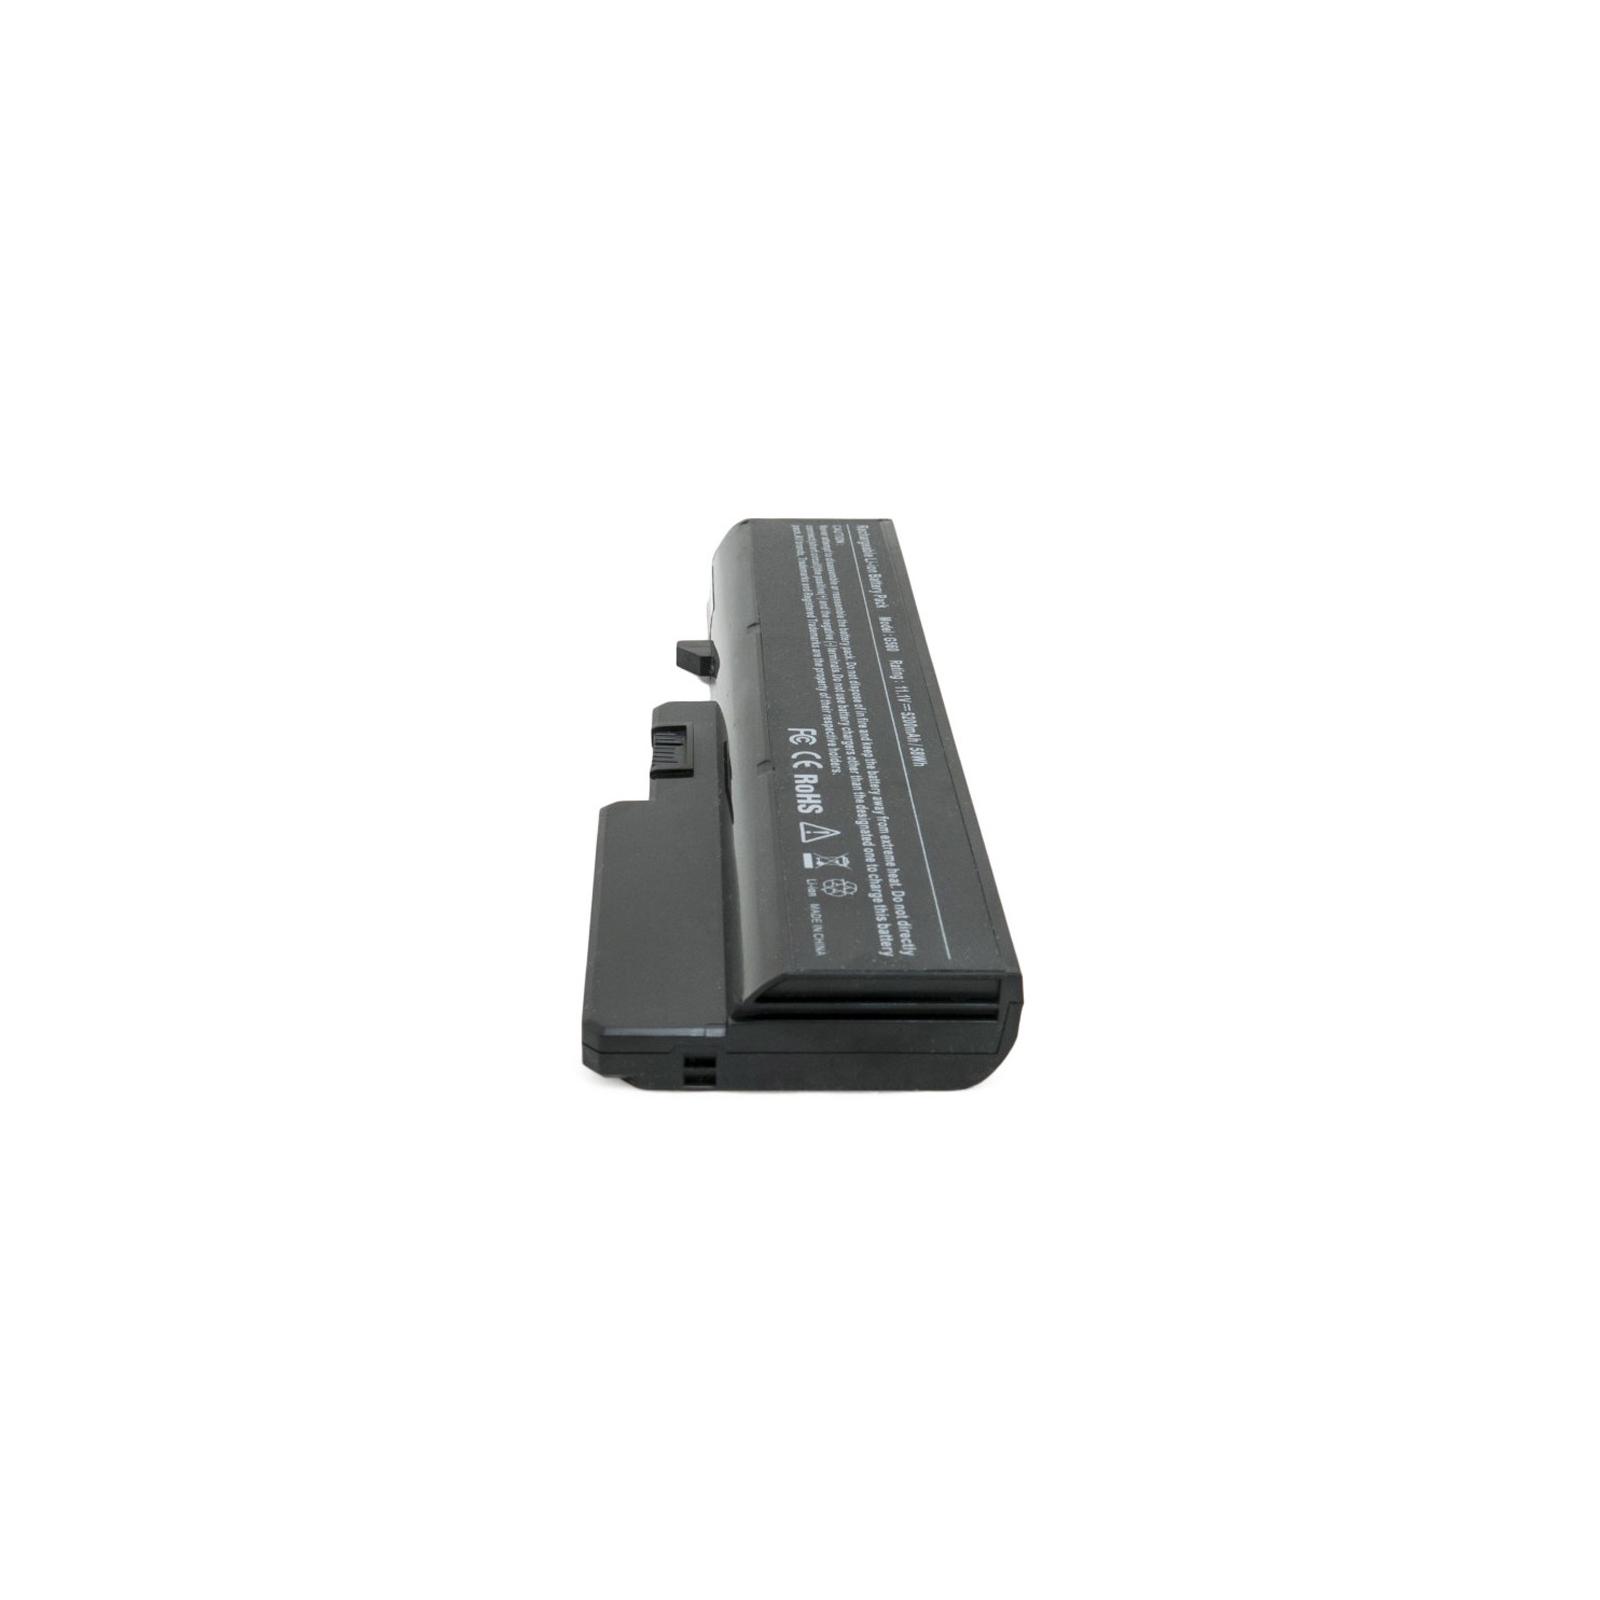 Аккумулятор для ноутбука Lenovo G560, 5200 mAh EXTRADIGITAL (BNL3954) изображение 5